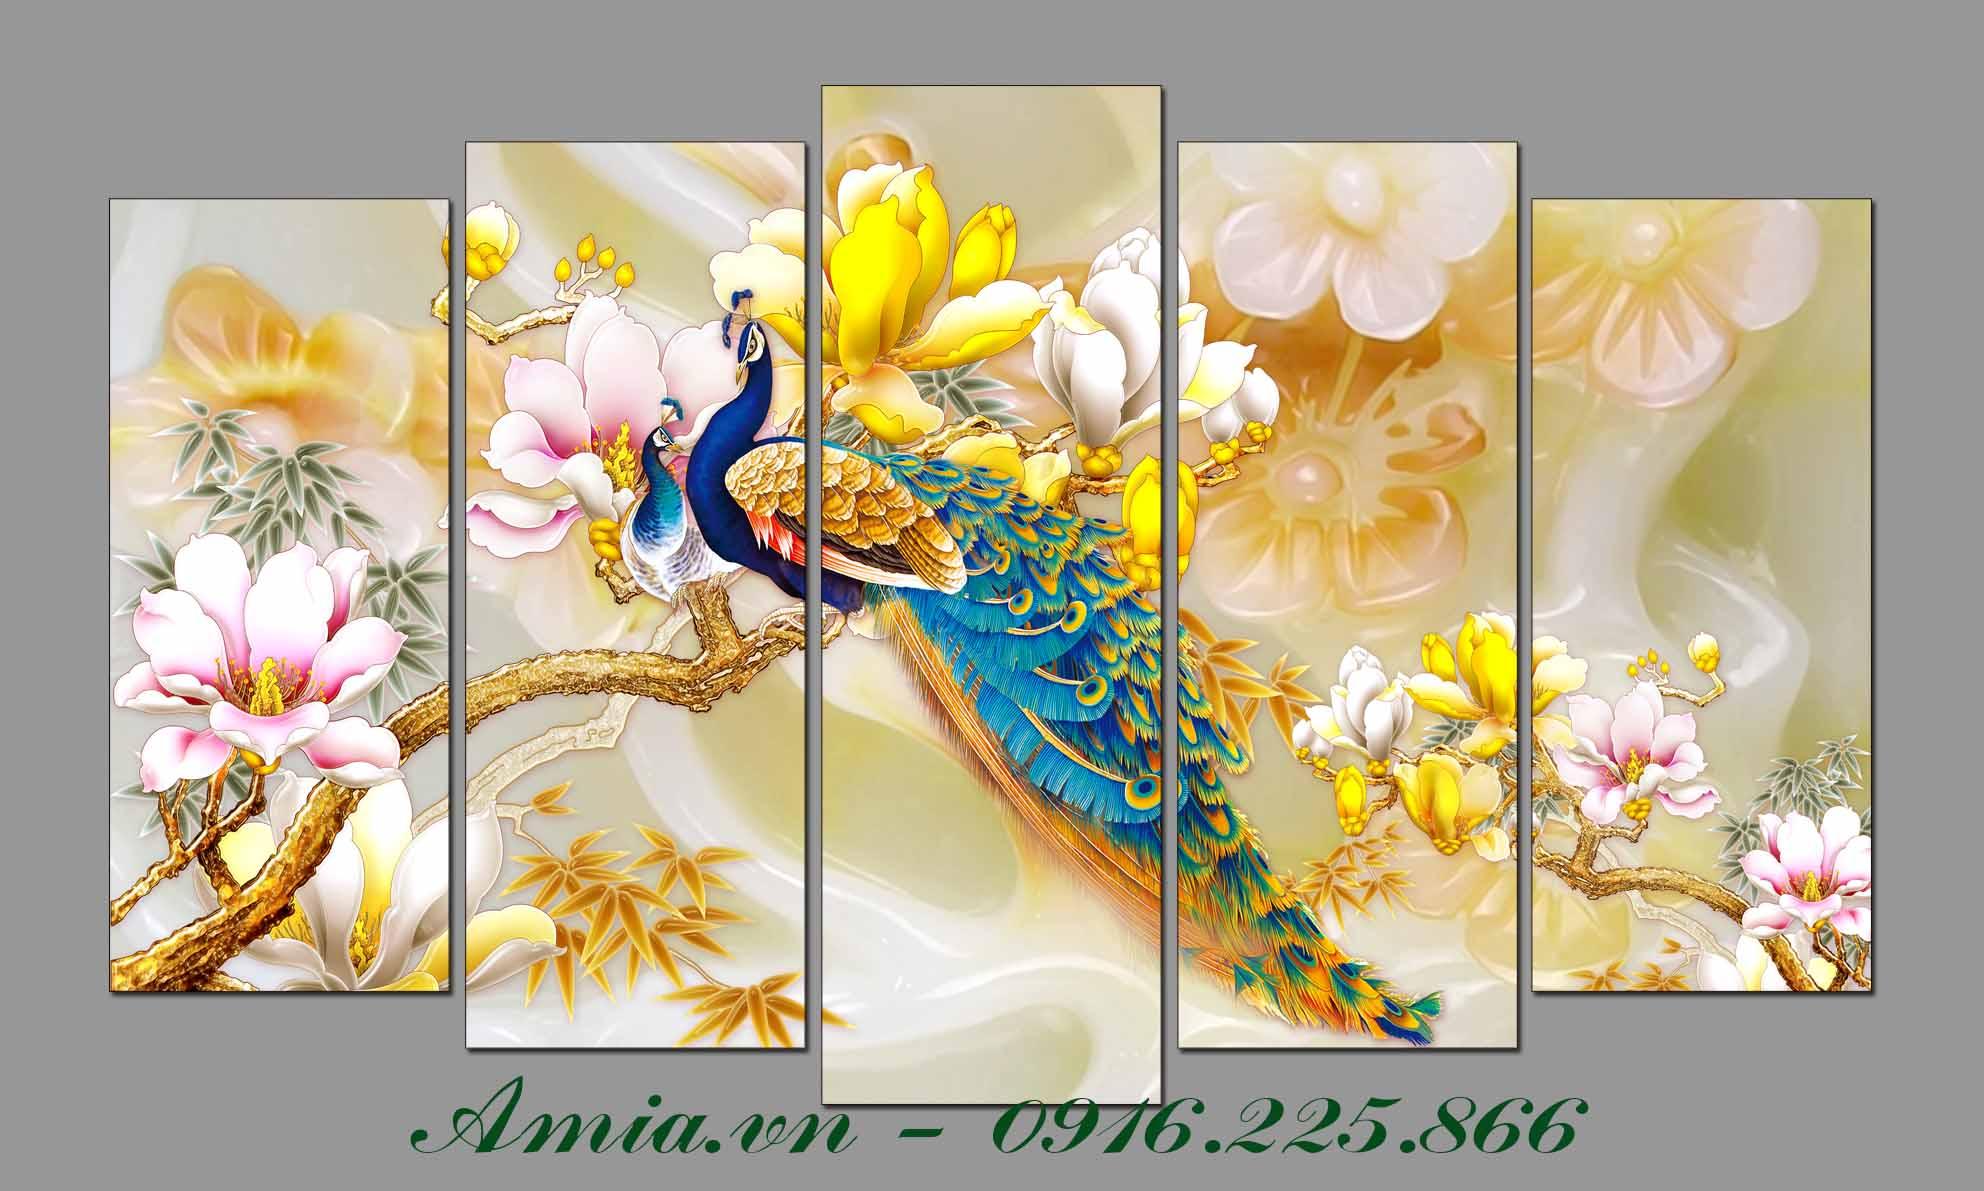 tranh song phung va hoa moc lan